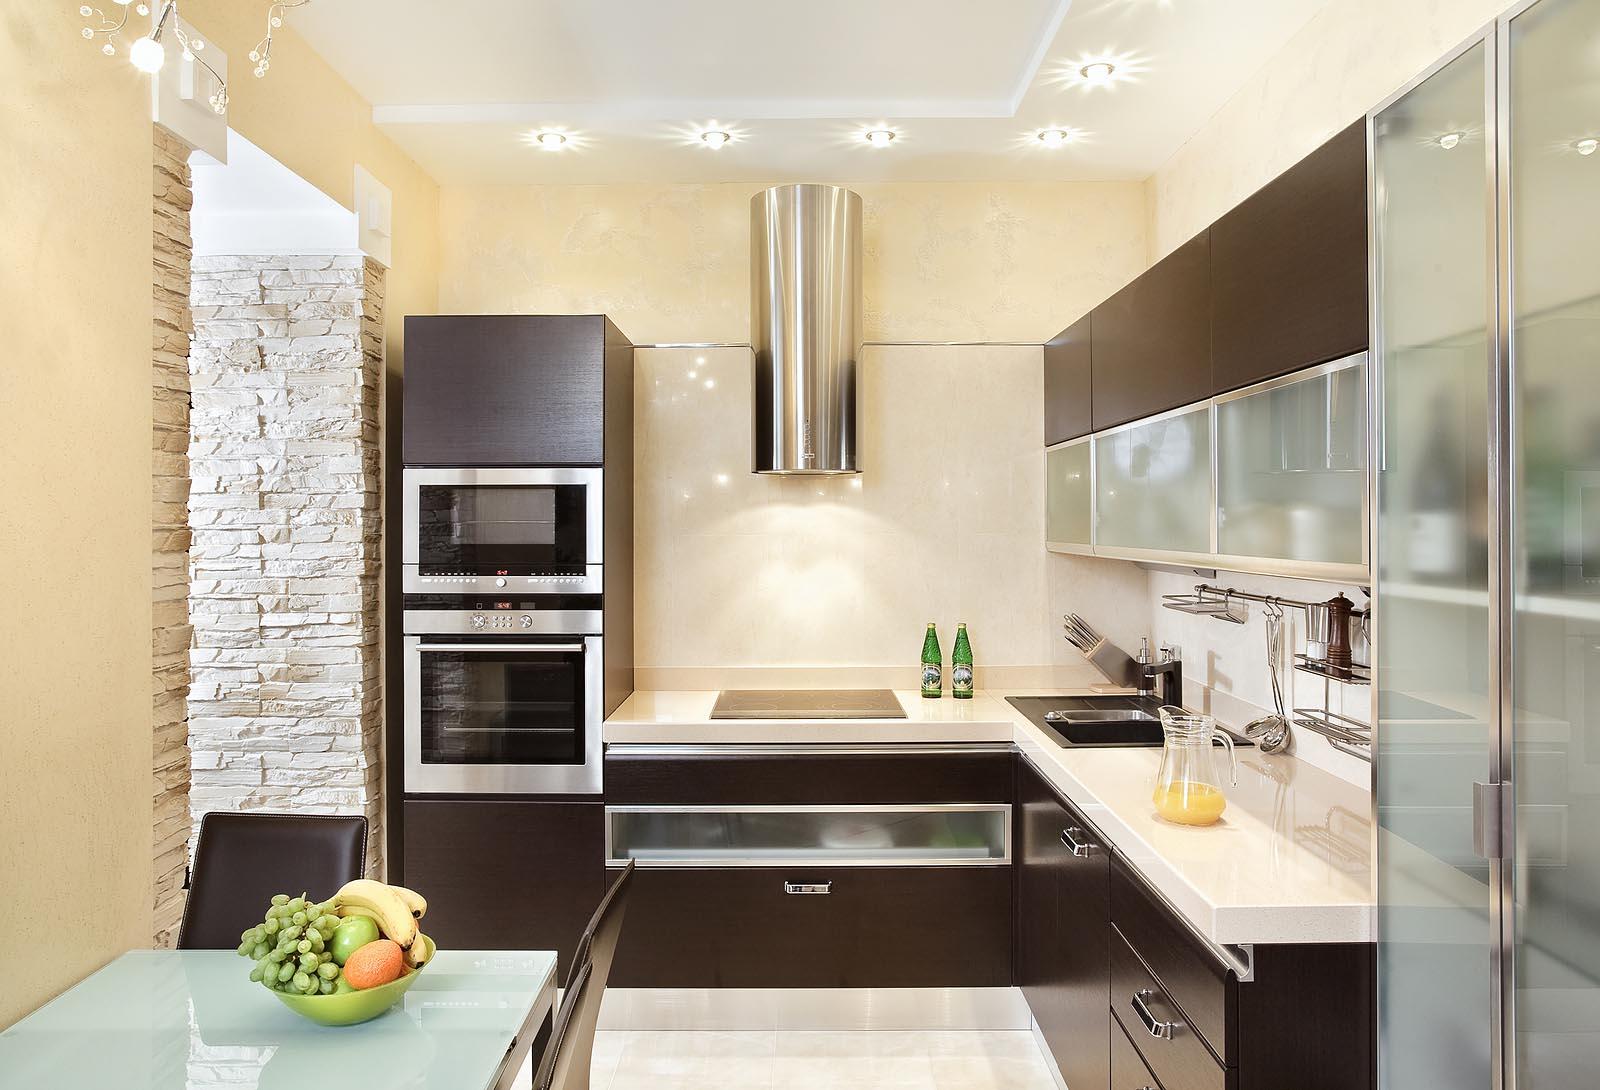 Фото дизайн интерьера угловой кухни для квартиры